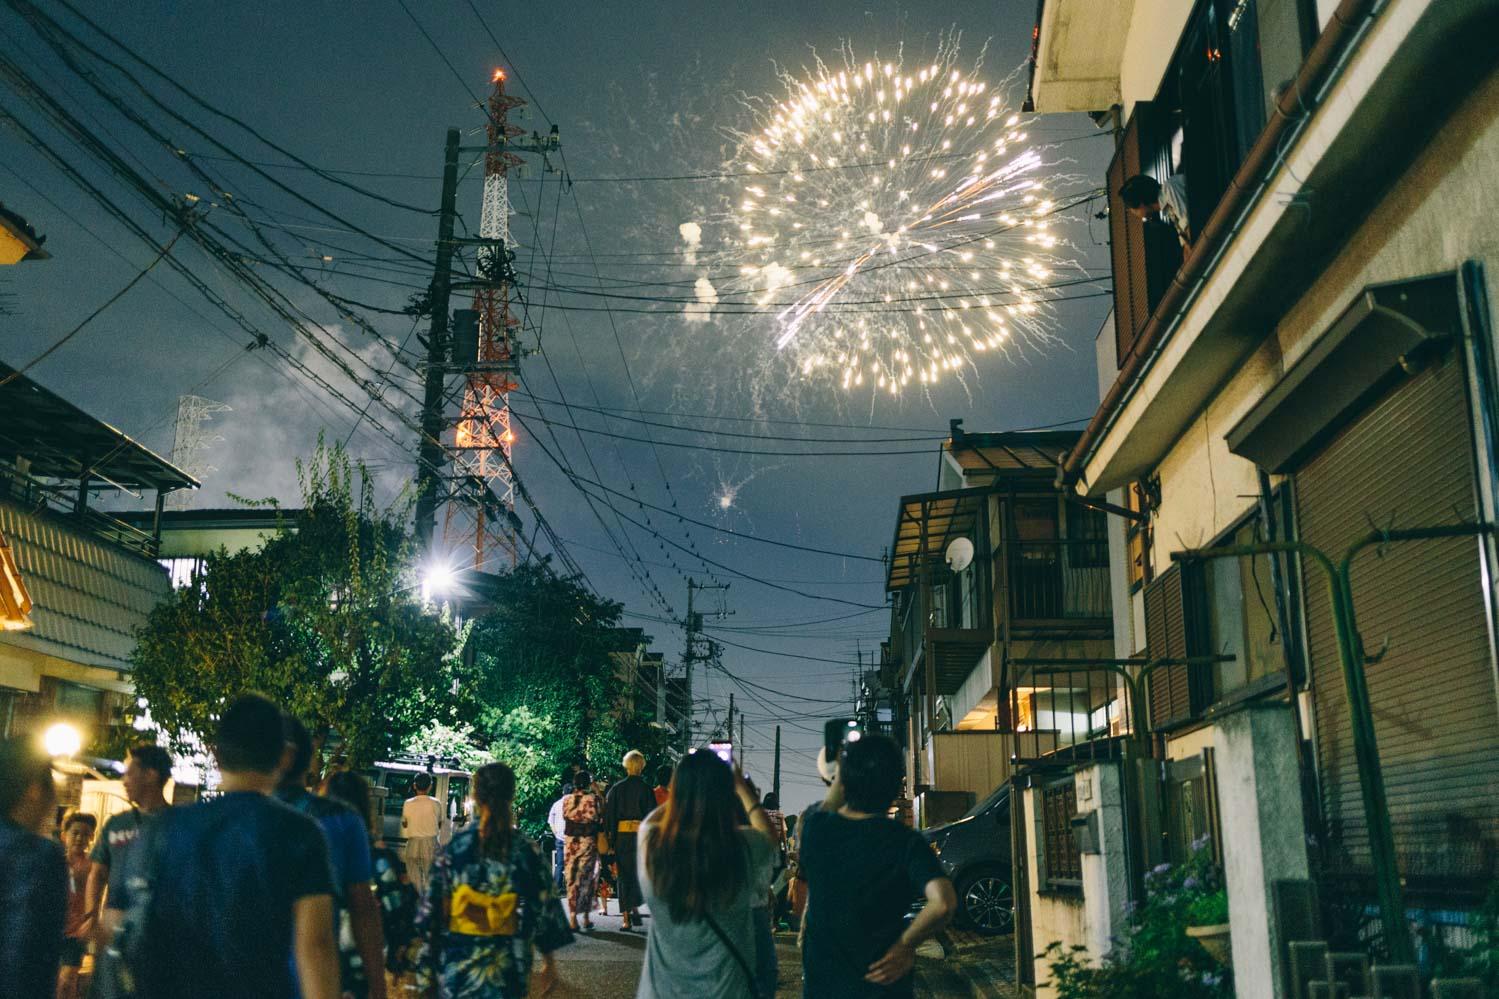 【2018花火大会】神奈川・鶴見川花火大会